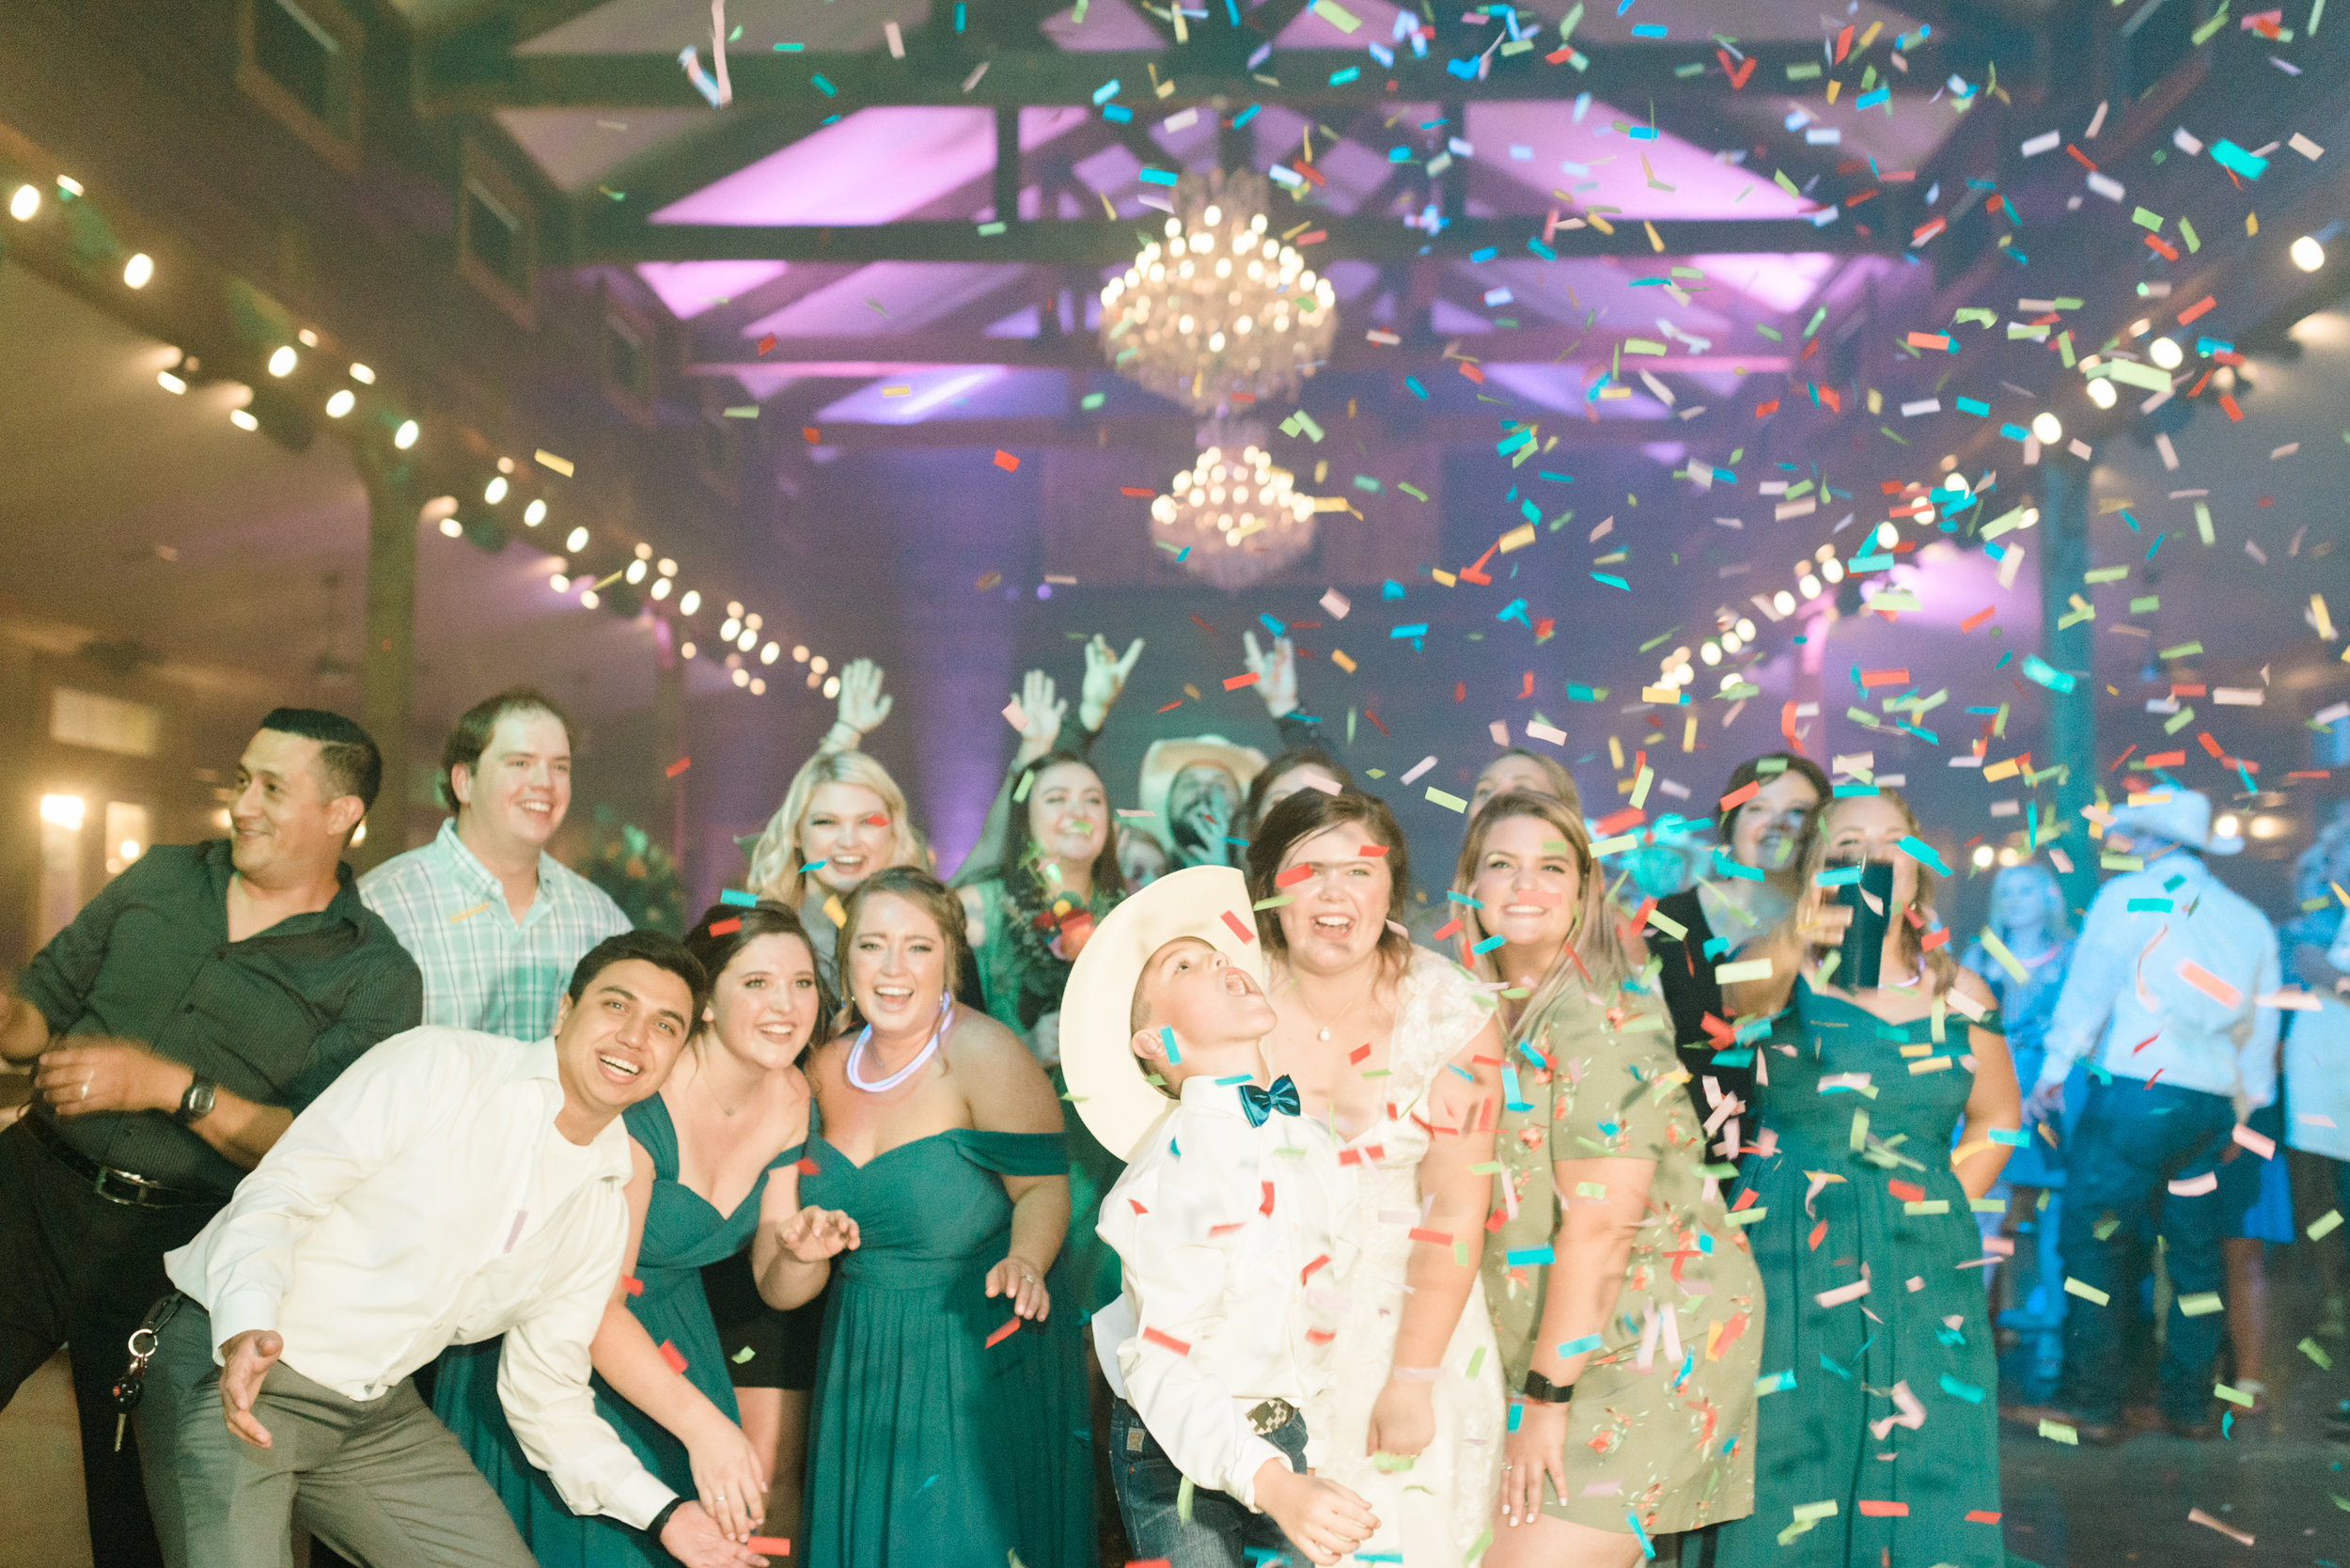 Wesley-Wedding-Ten23-Photography-823.jpg